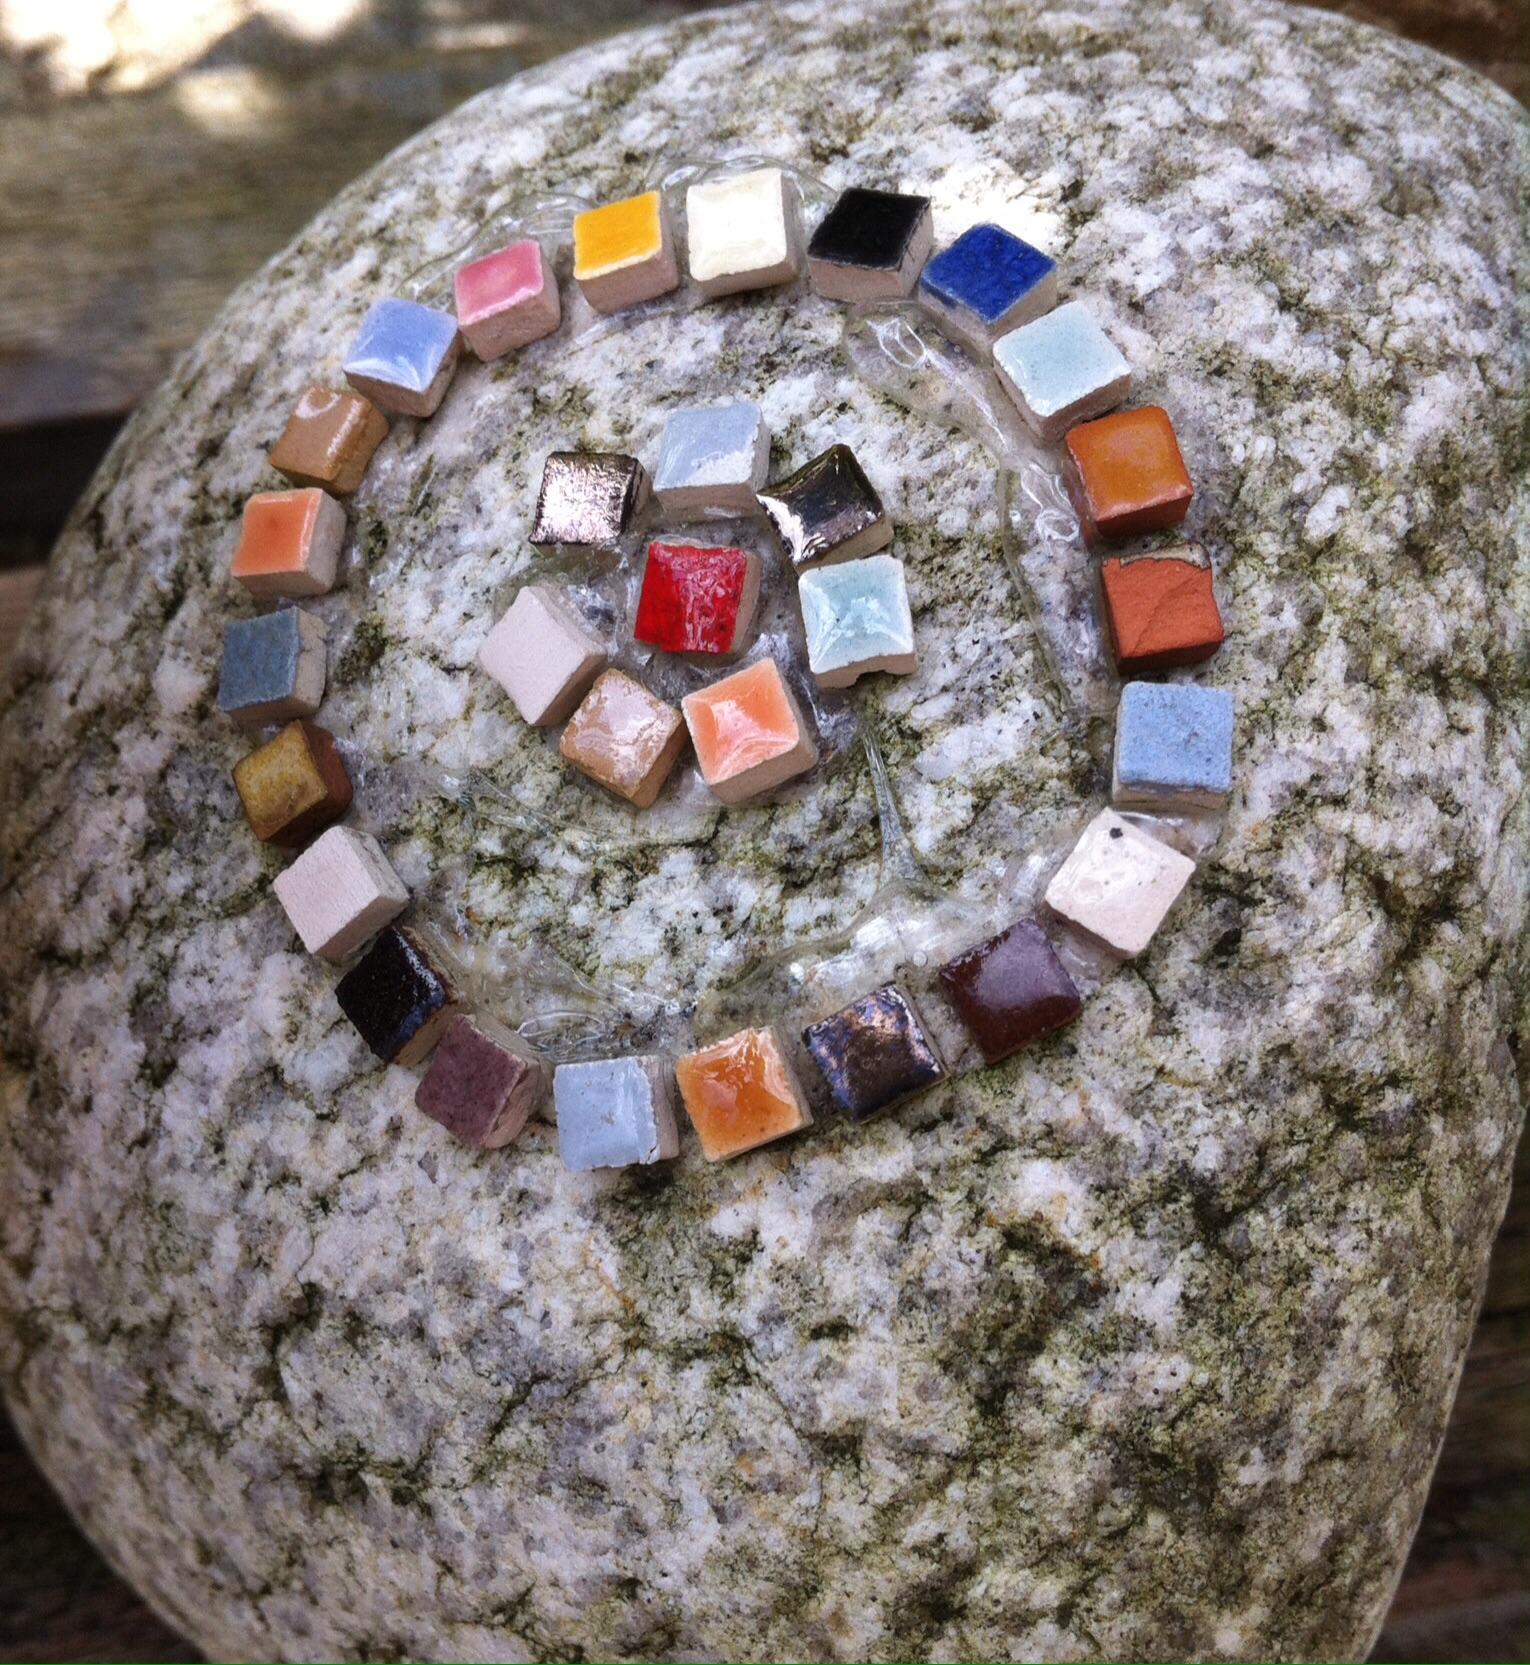 Mosaik im garten ganz einfach selbst gemacht glutenfreie rezepte kreative ideen - Garten mosaik ...